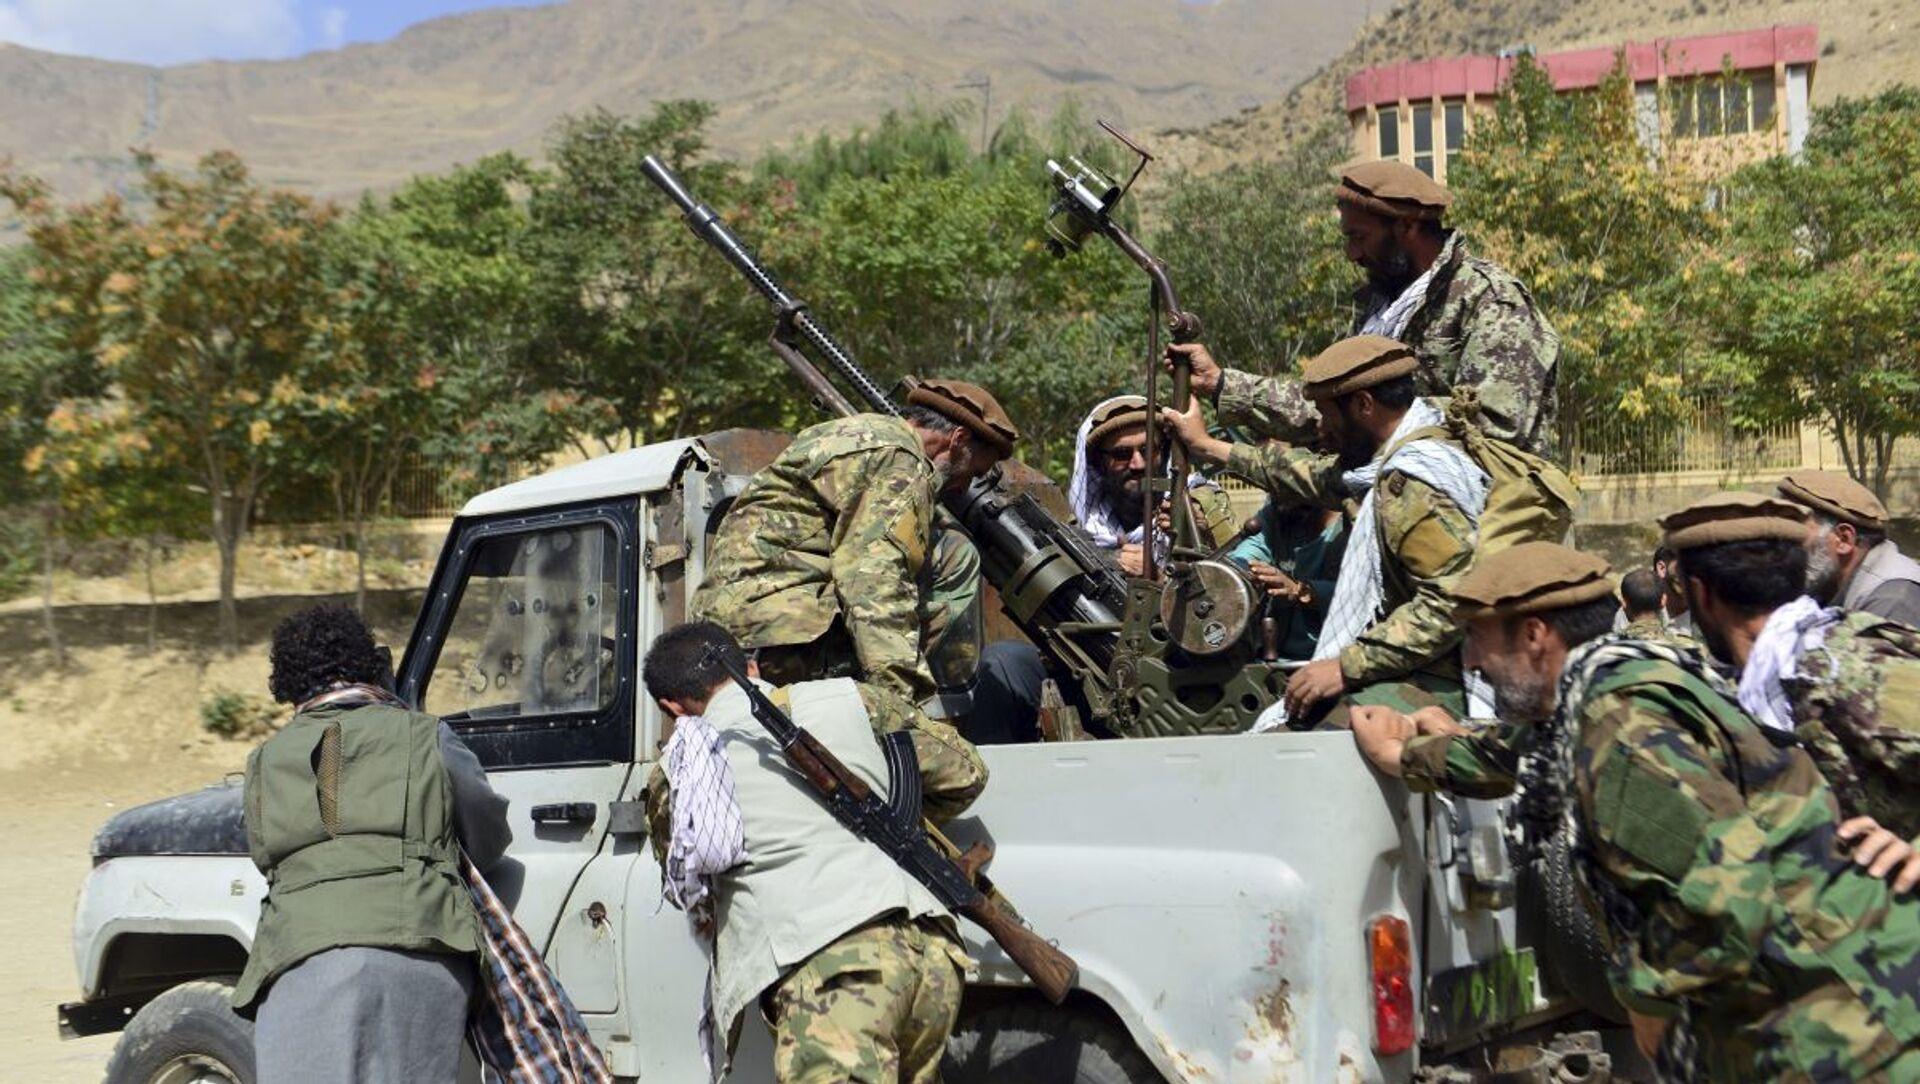 Бойцы афганского движение сопротивления Талибану* в провинции Панджшер - Sputnik Azərbaycan, 1920, 05.09.2021